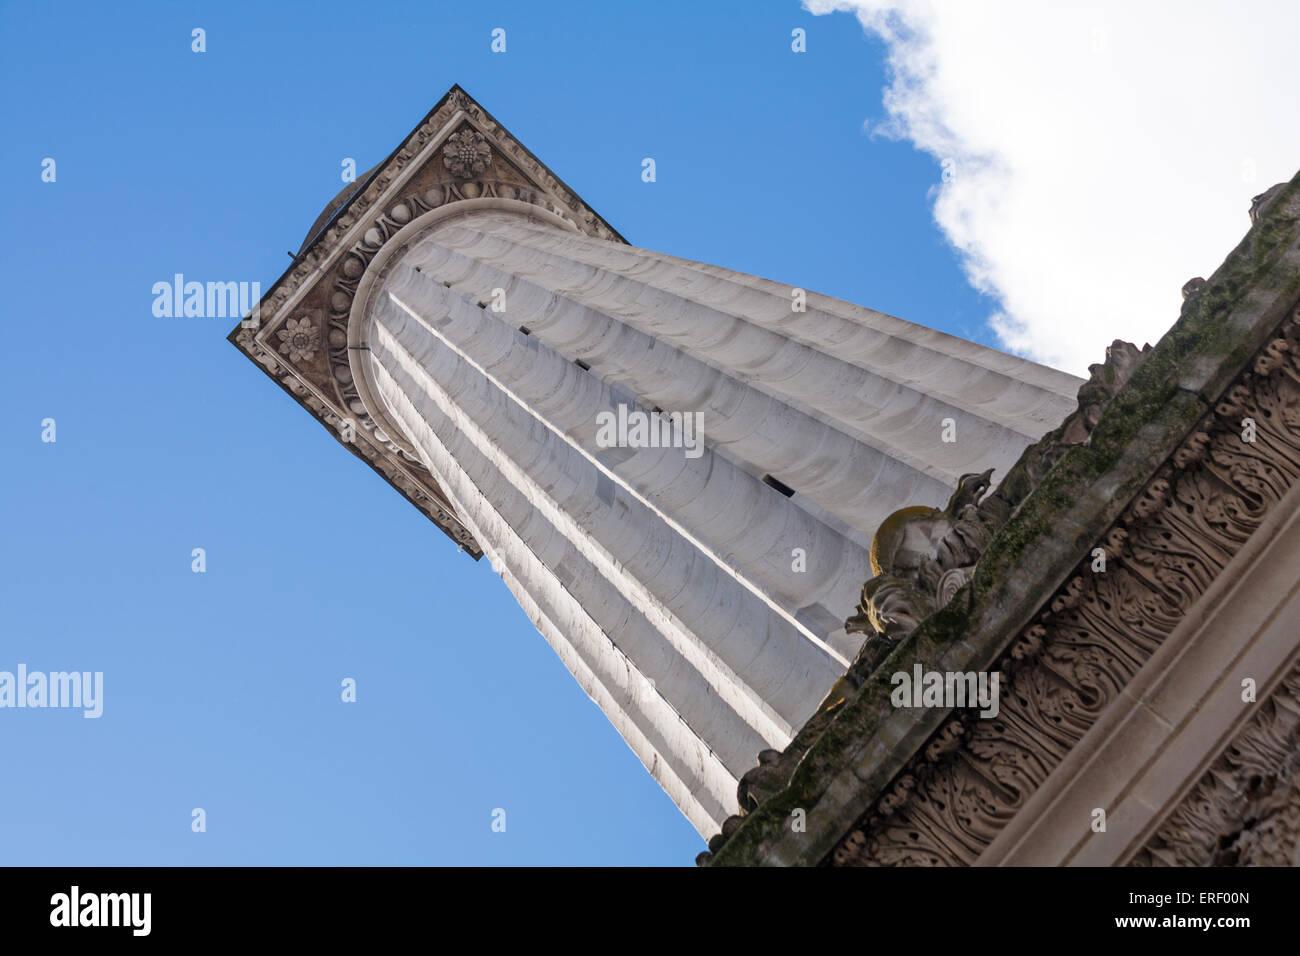 Blick auf das Denkmal für den großen Brand von London Stockbild